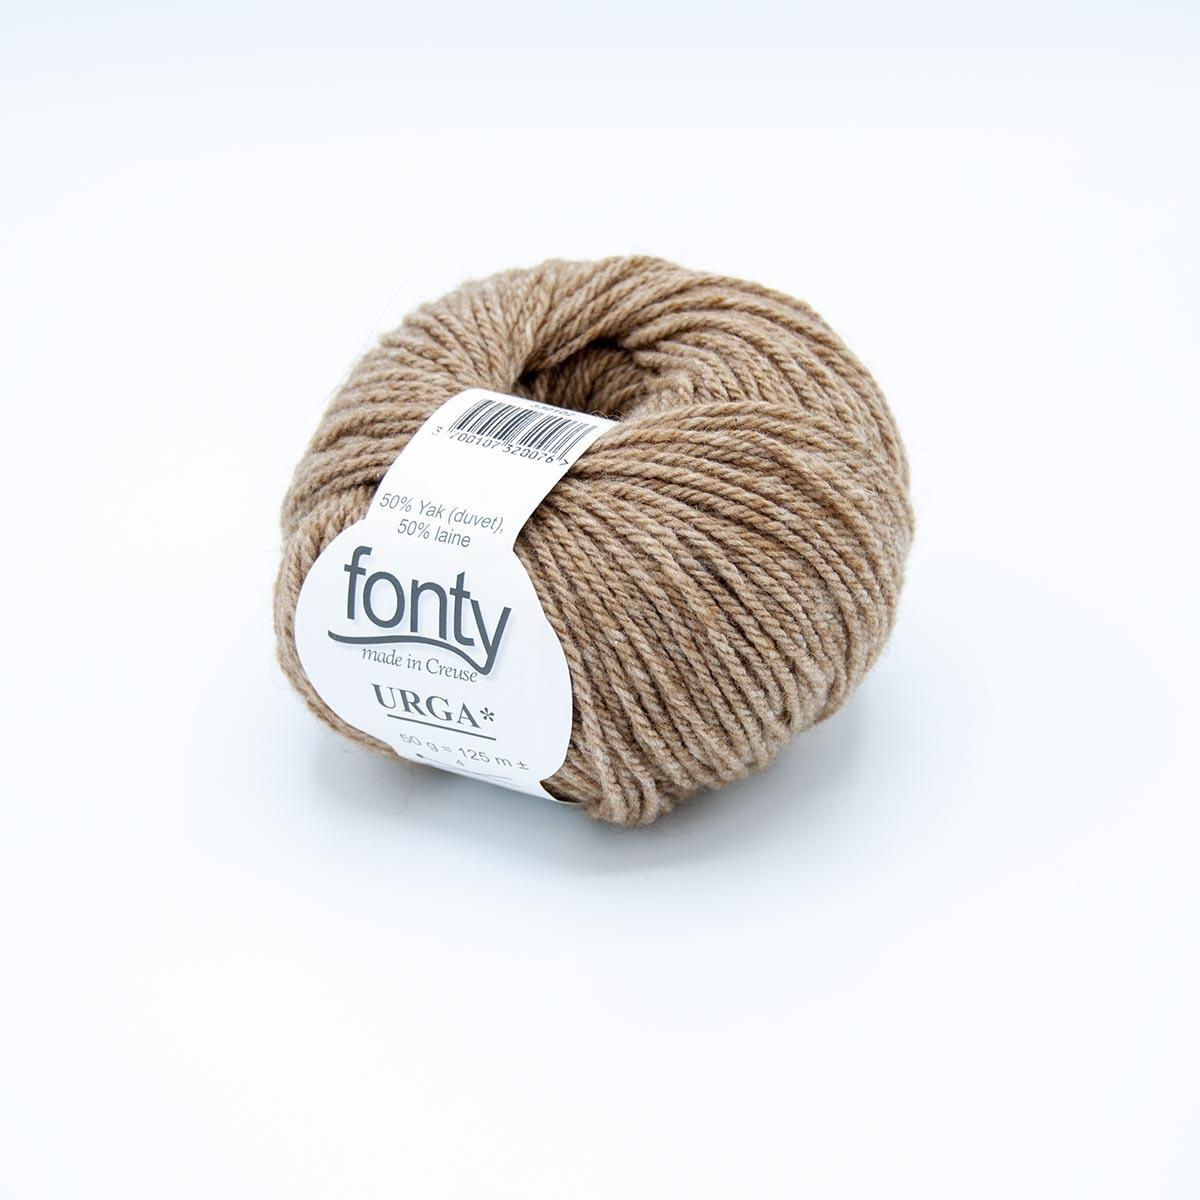 Fonty Urga - 06